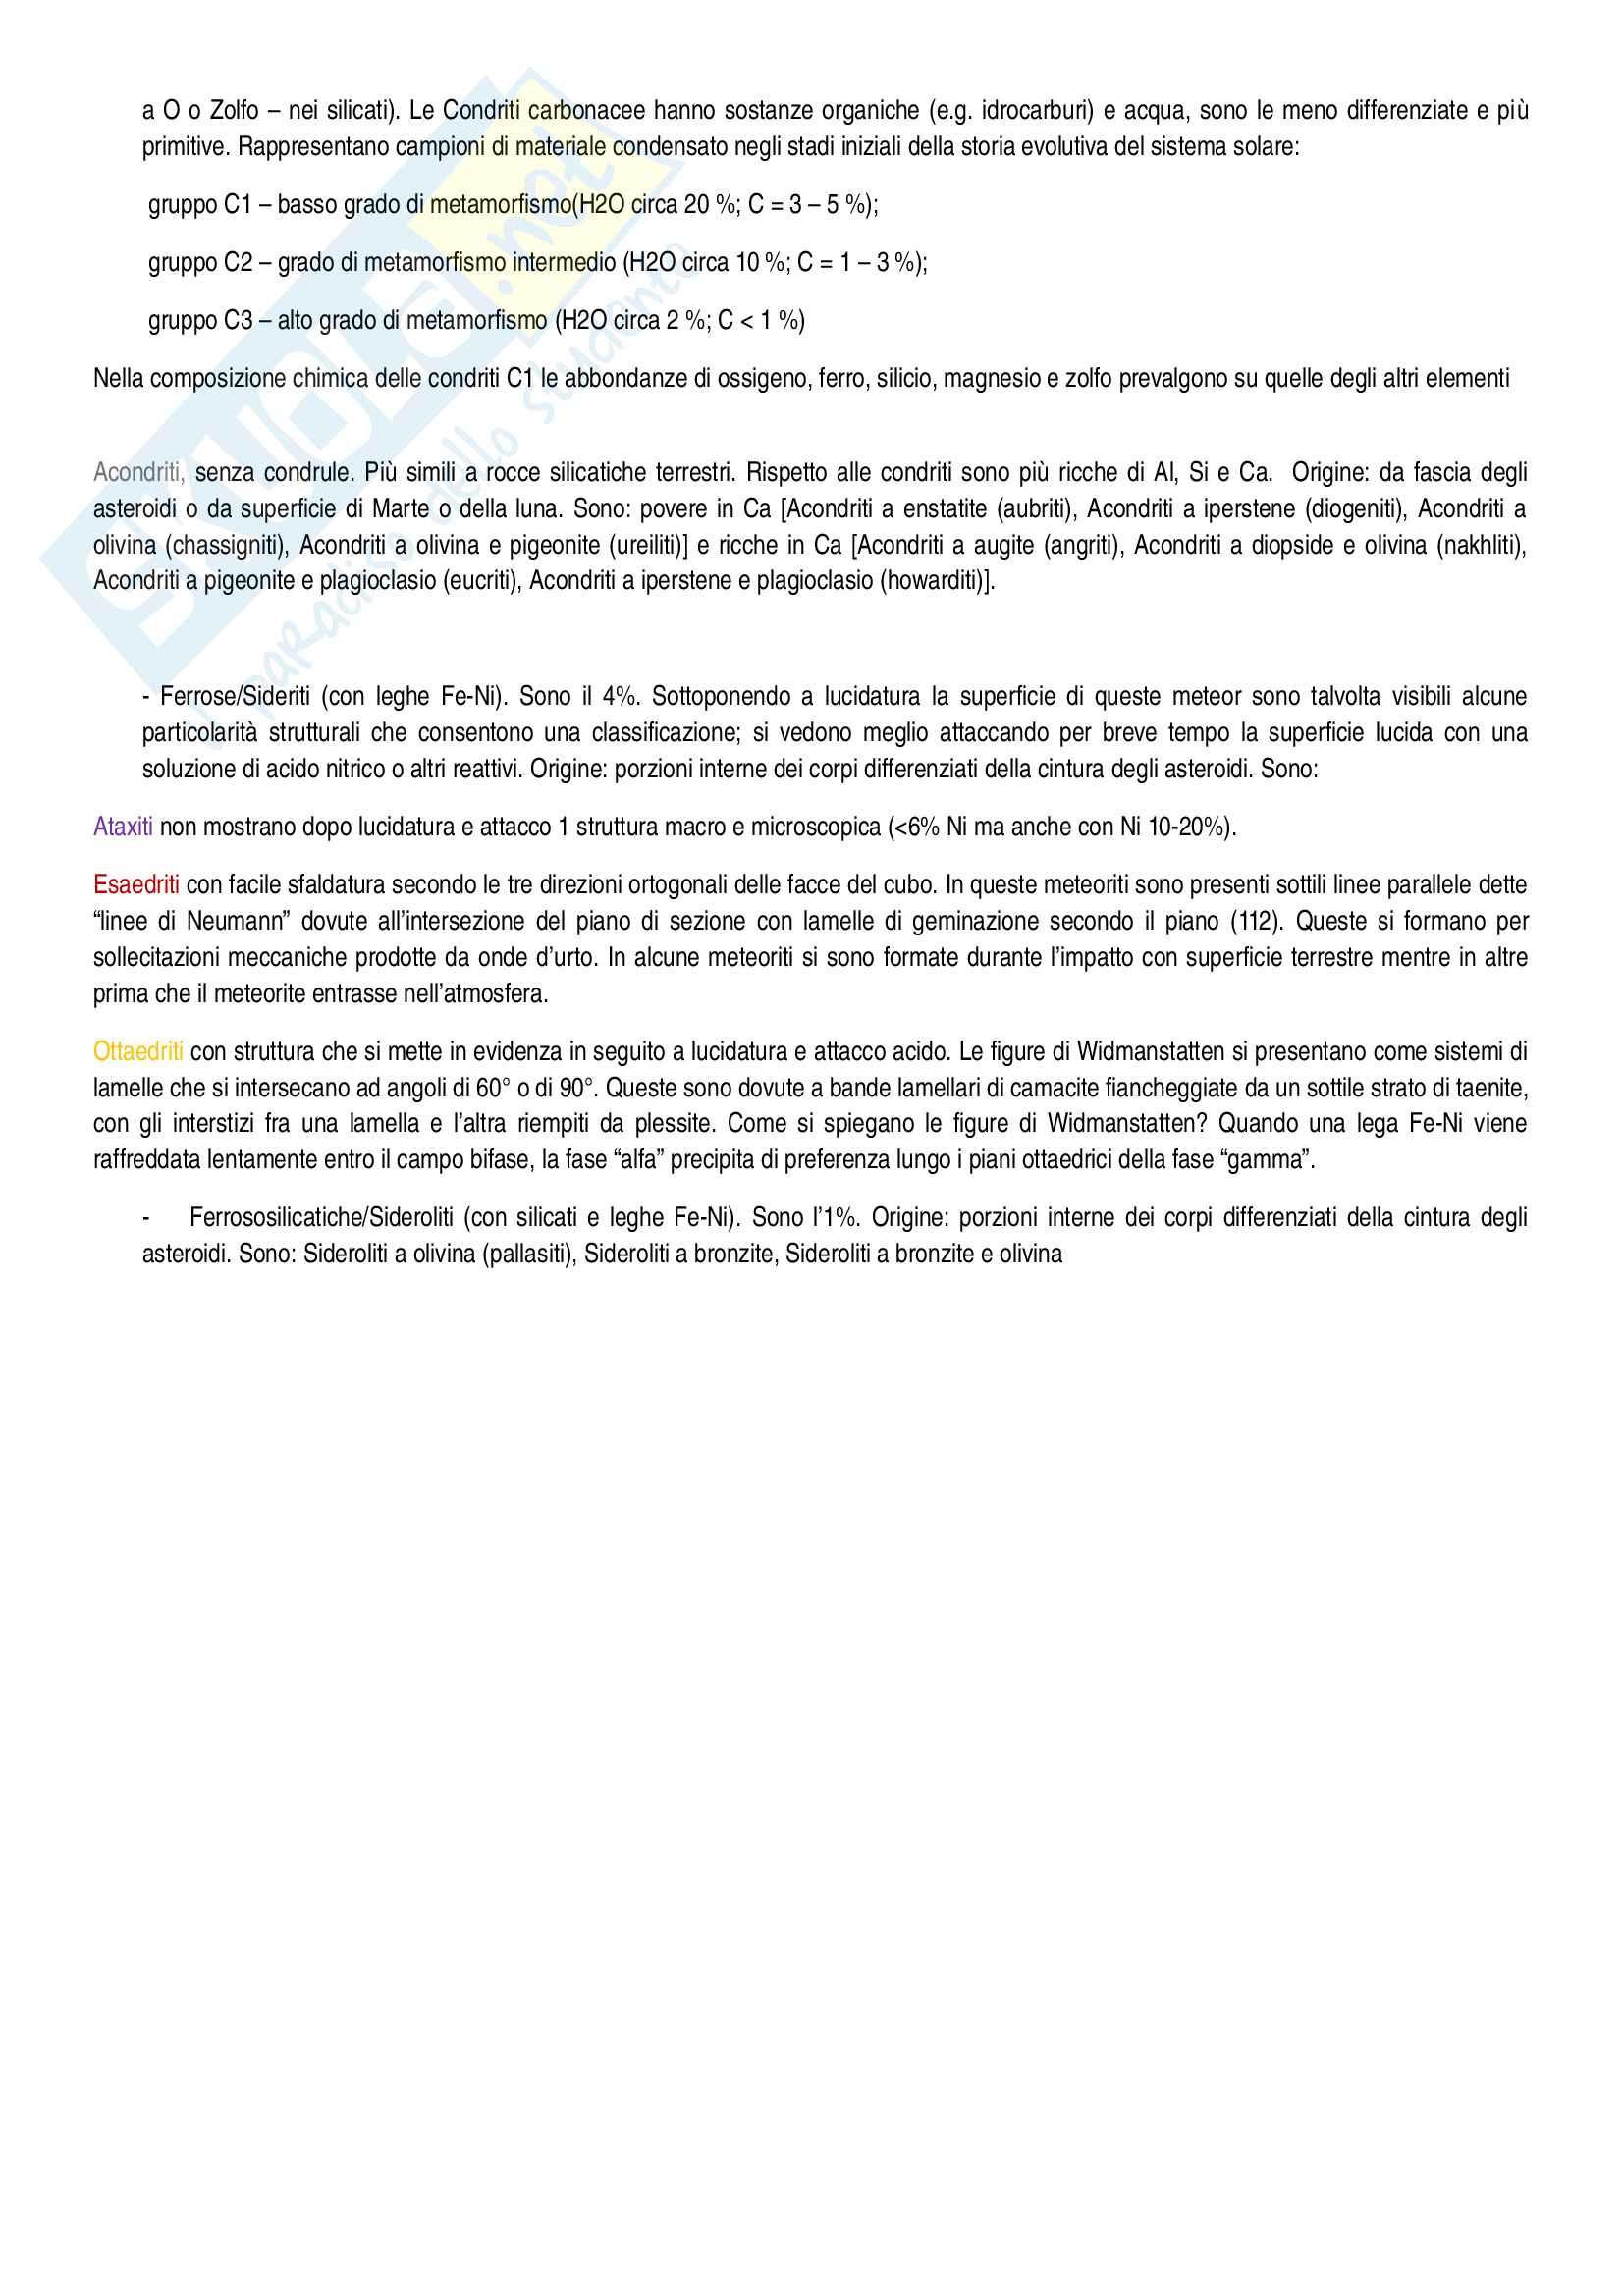 Geochimica - riassunto completo per il corso Pag. 6